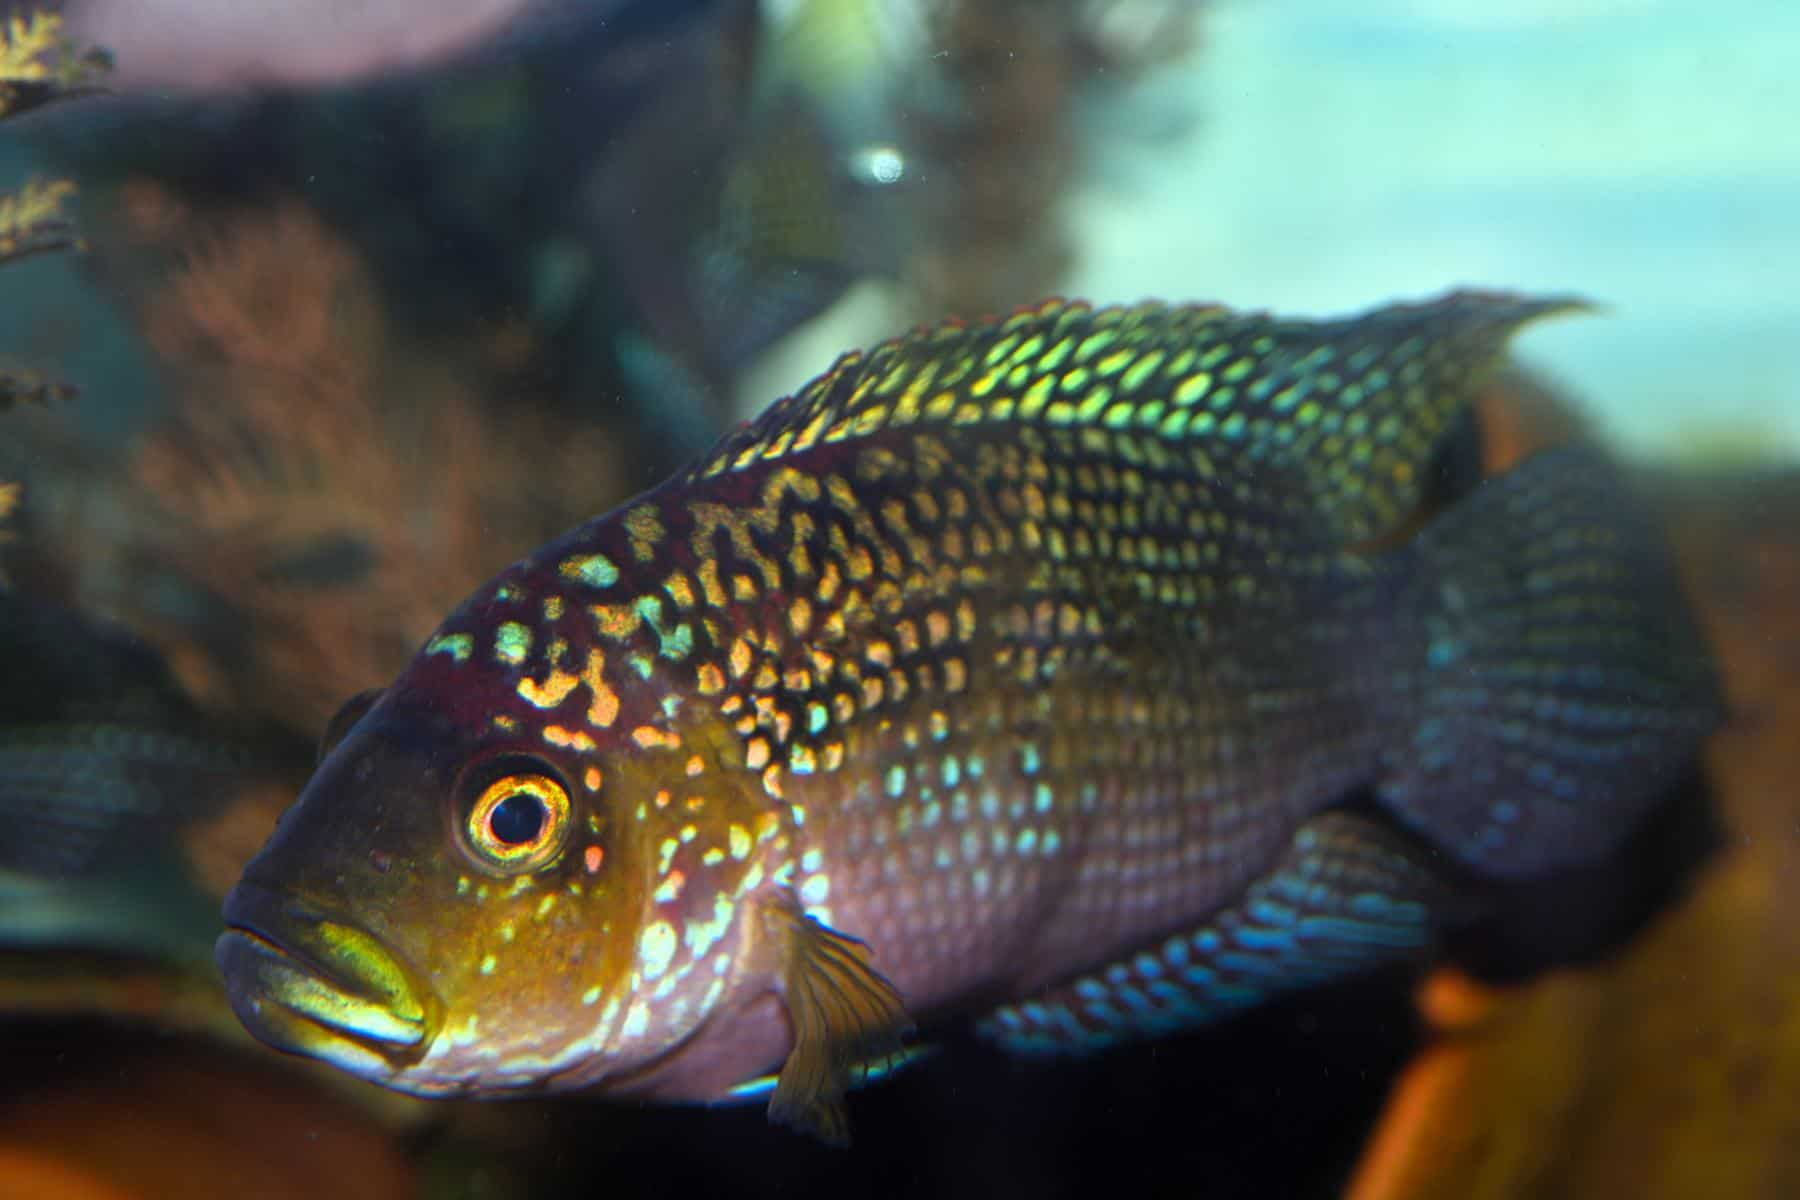 close up shot of jack dempsey fish in aquarium